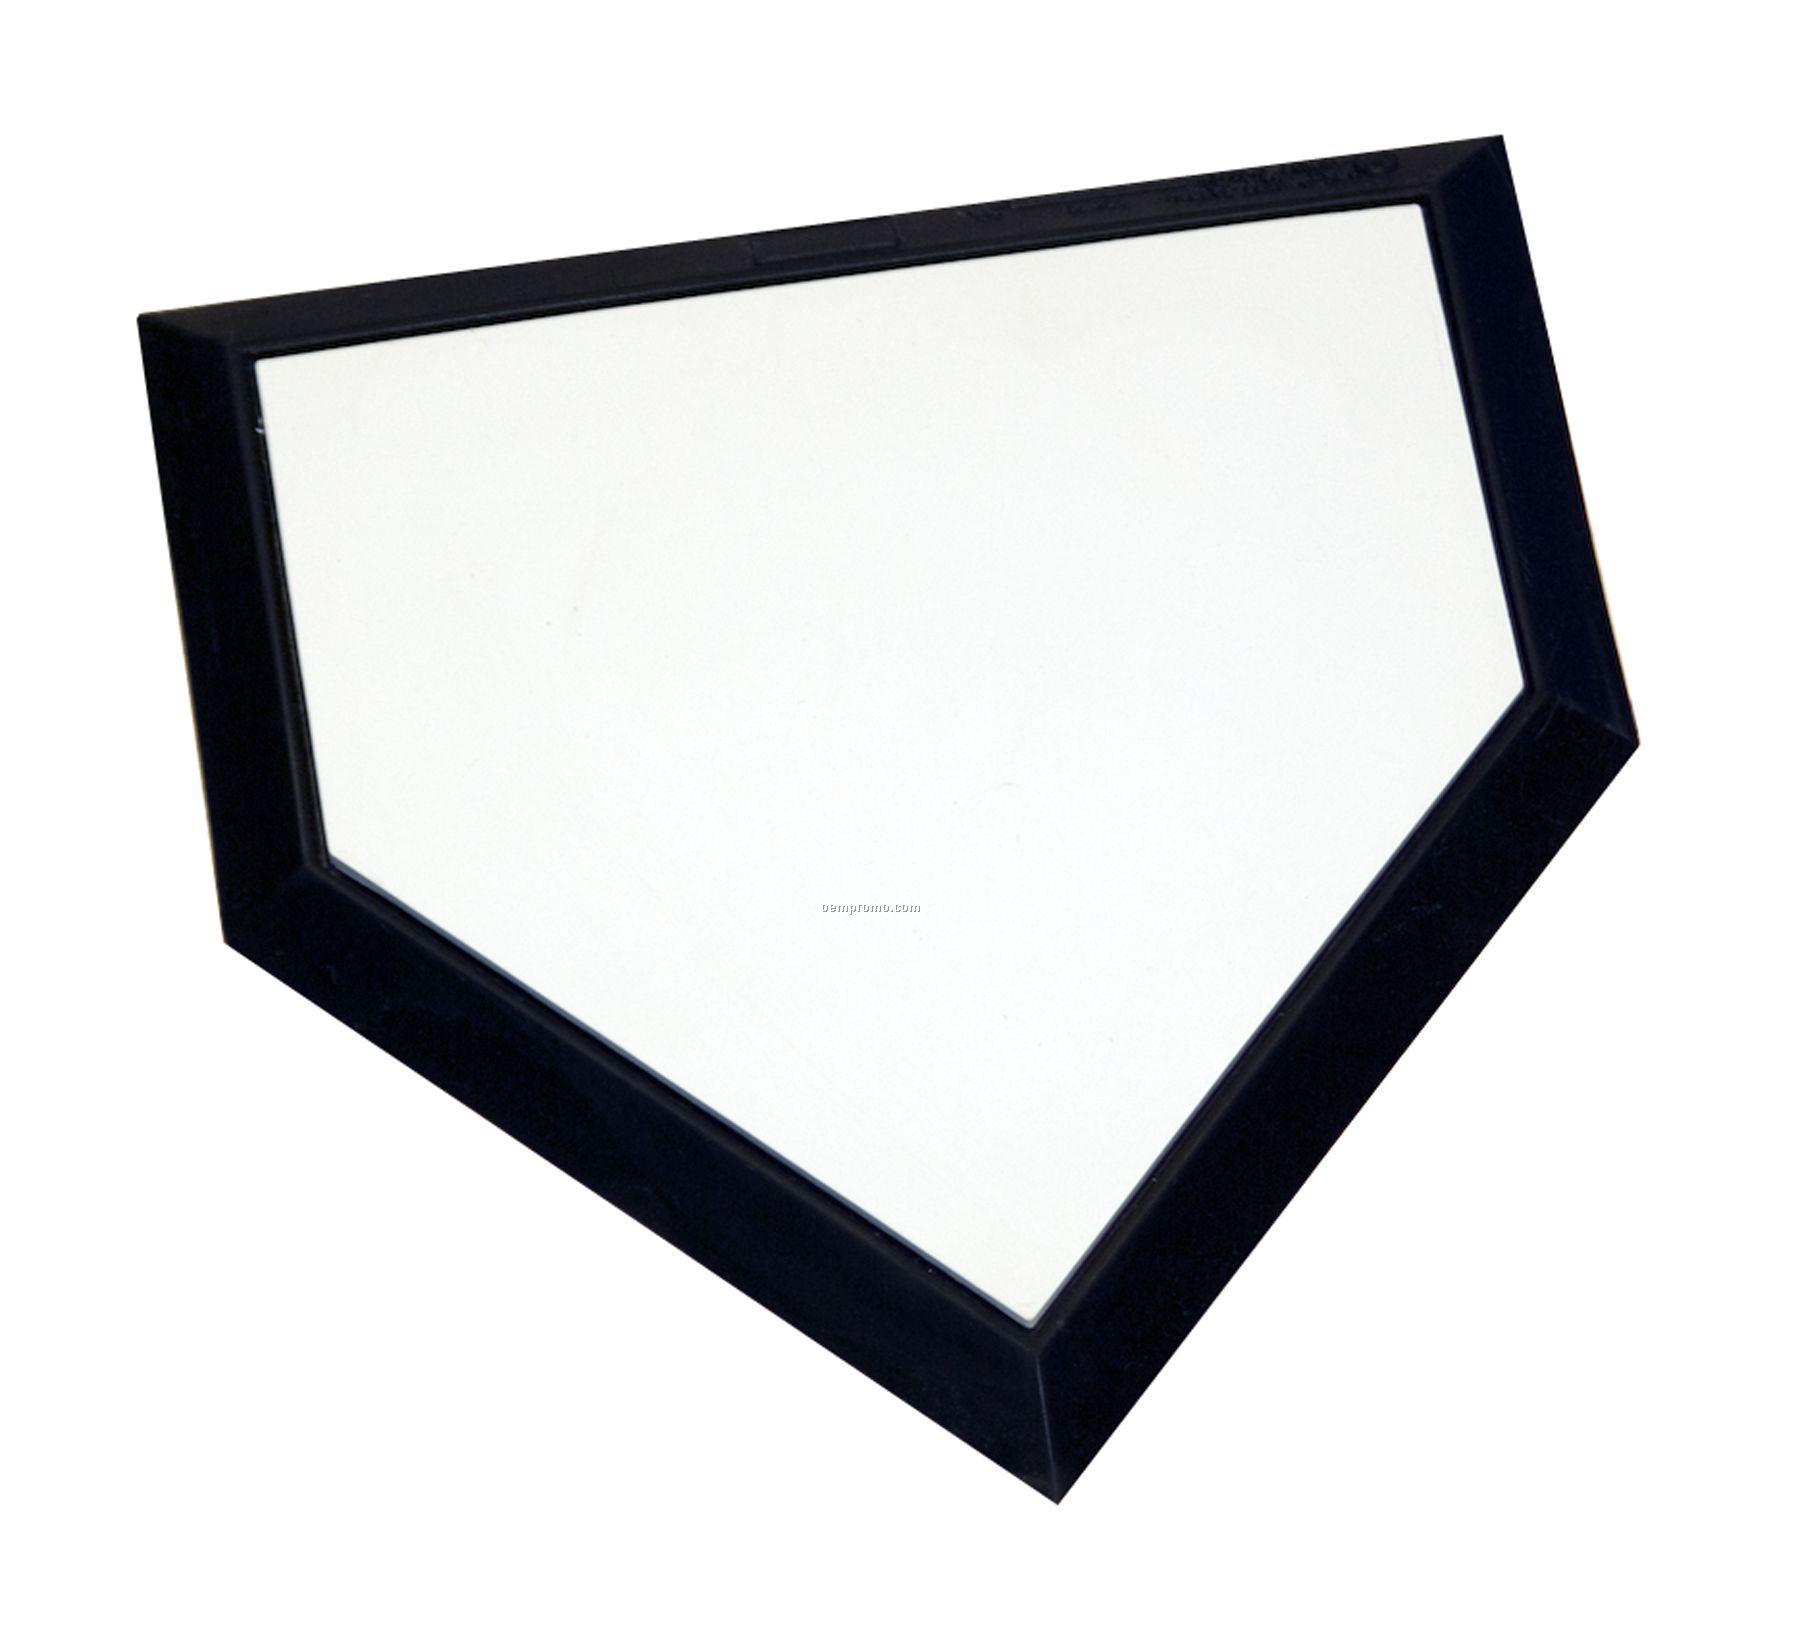 Blank 1 2 Scale Mini Homeplate